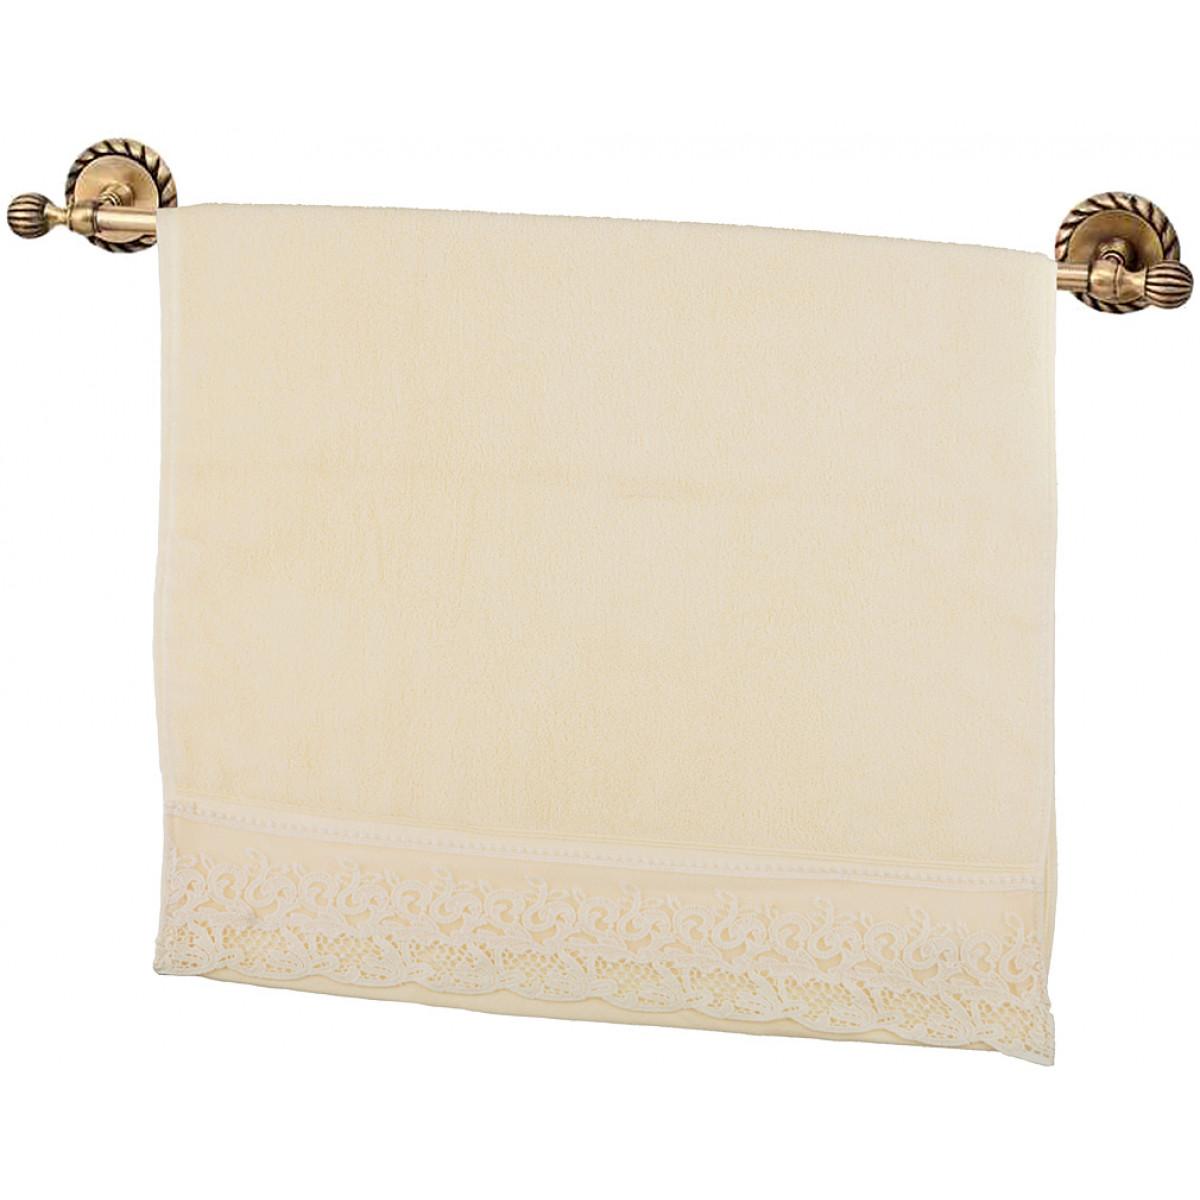 где купить Полотенца Santalino Полотенце Heleen  (50х90 см) по лучшей цене